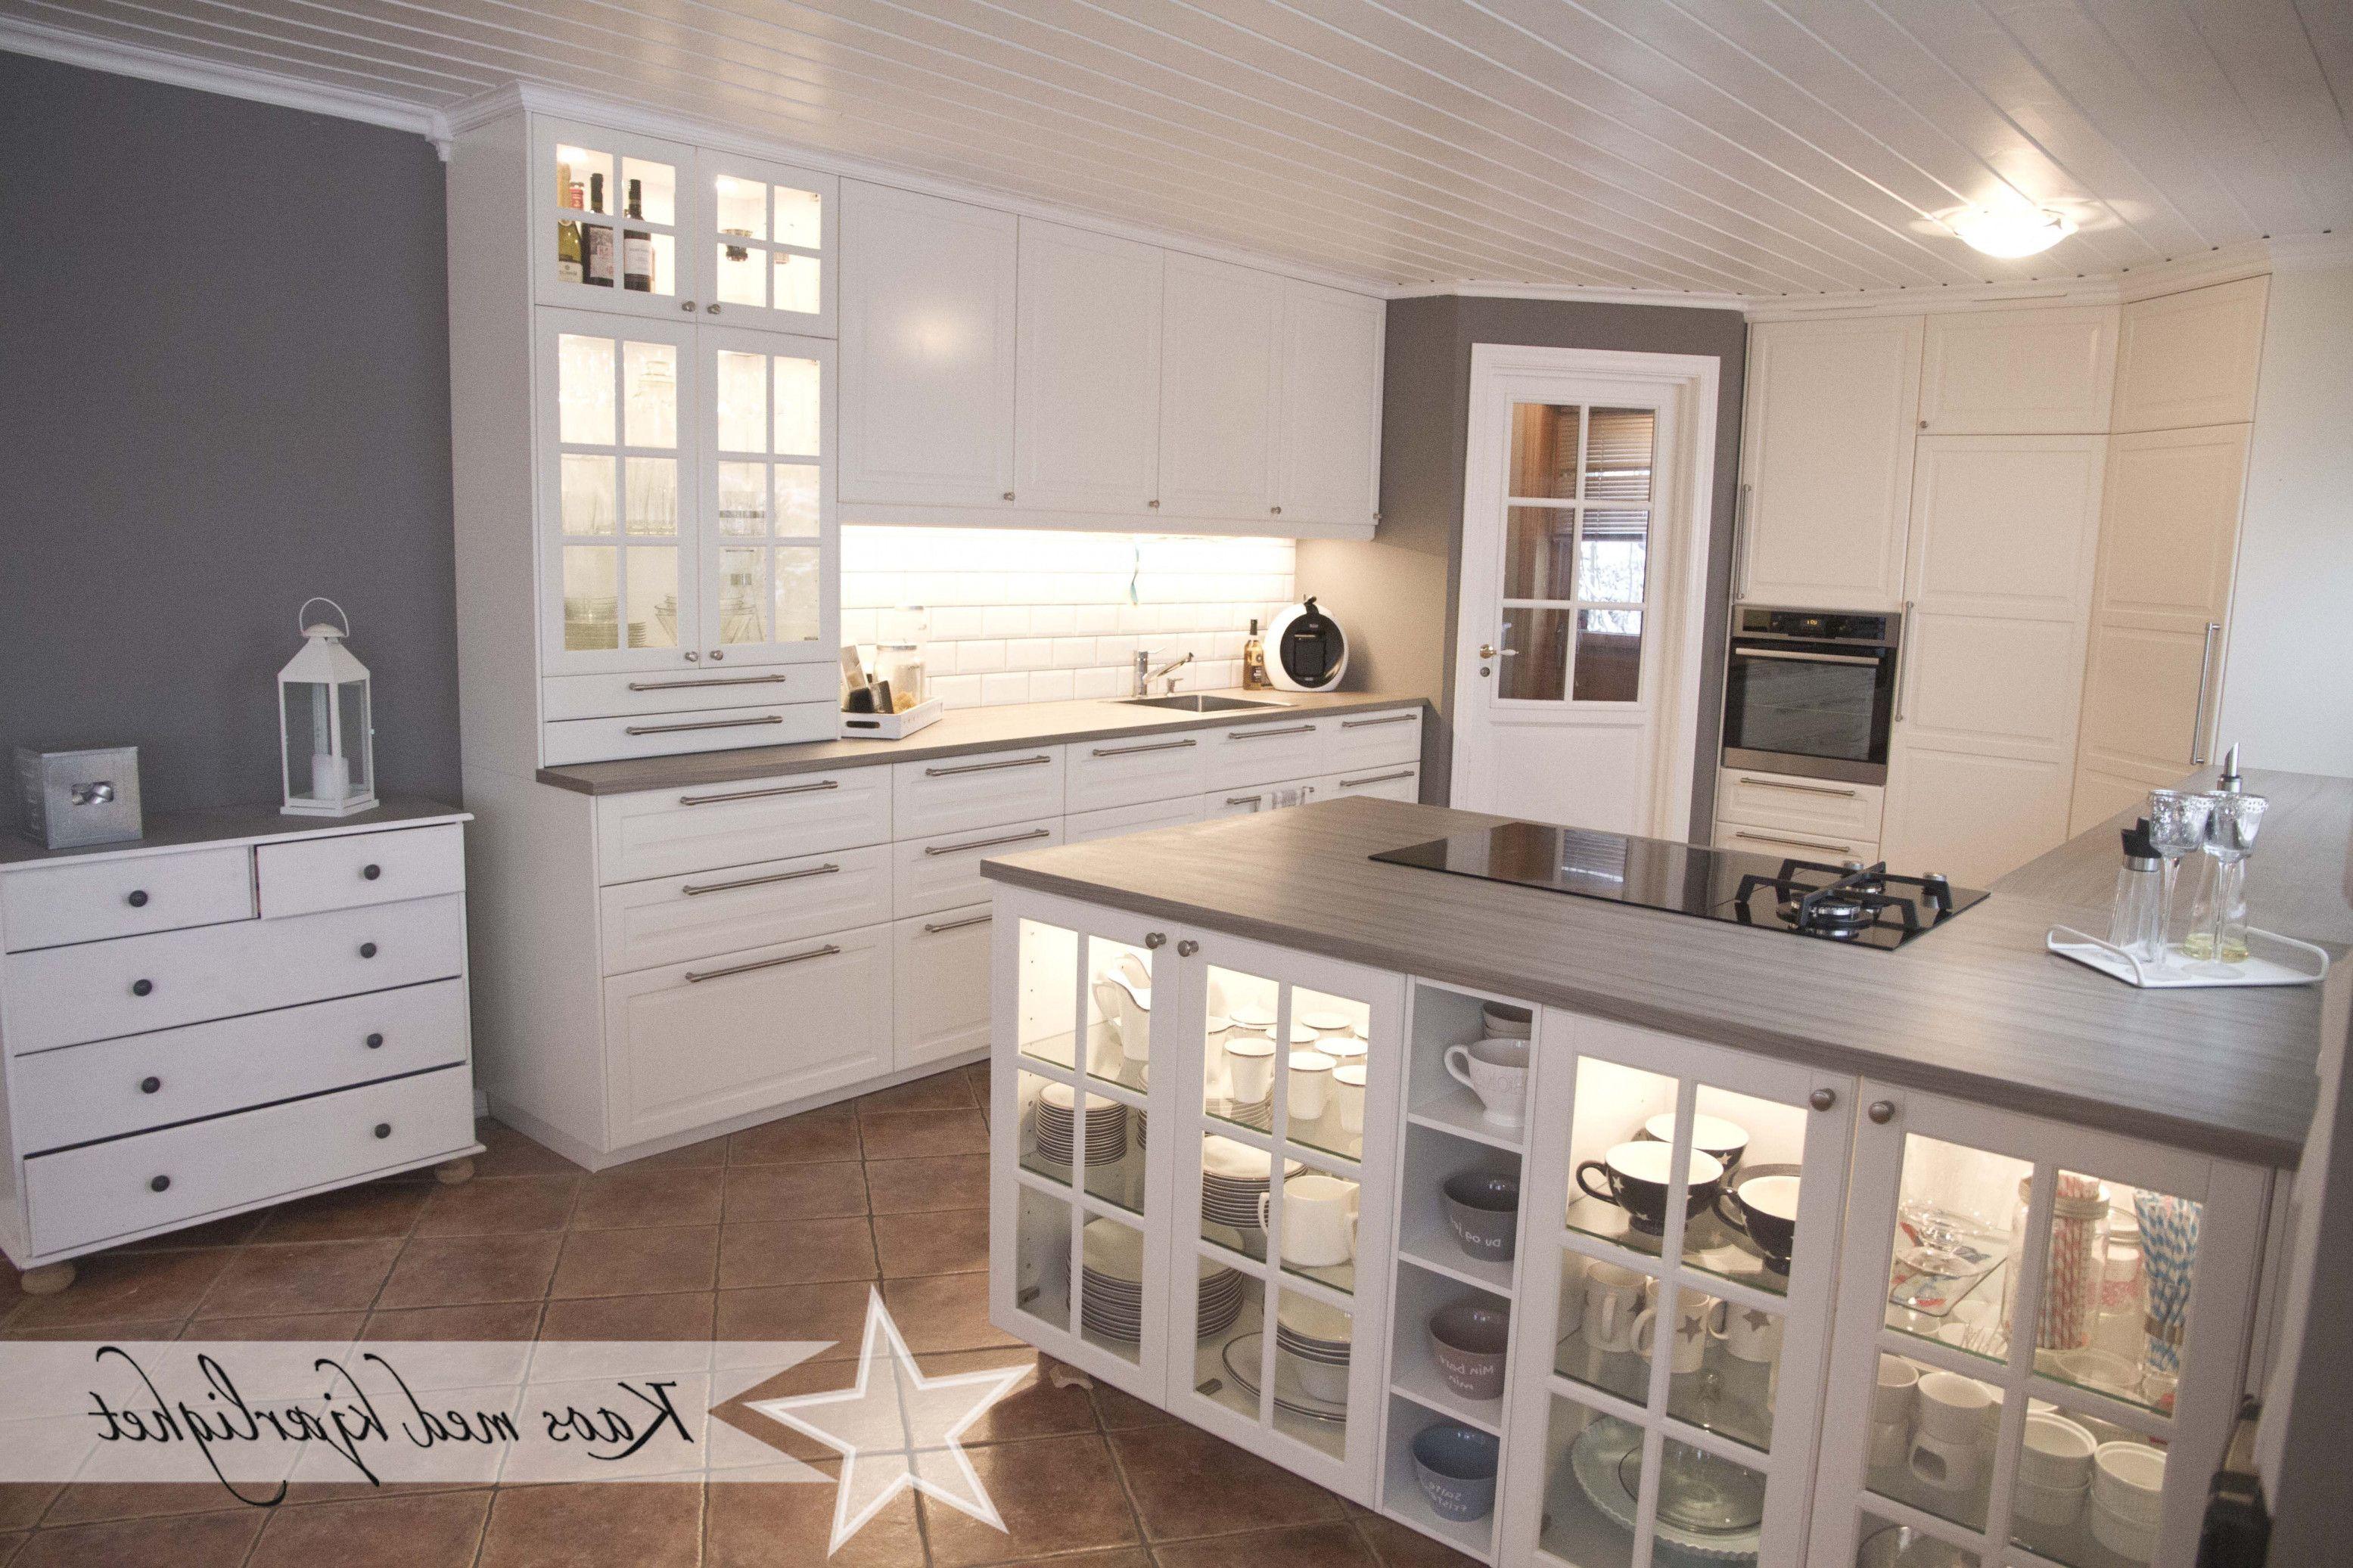 Bildergebnis für lerhyttan küche ikea | Küche | Pinterest | Küche ...